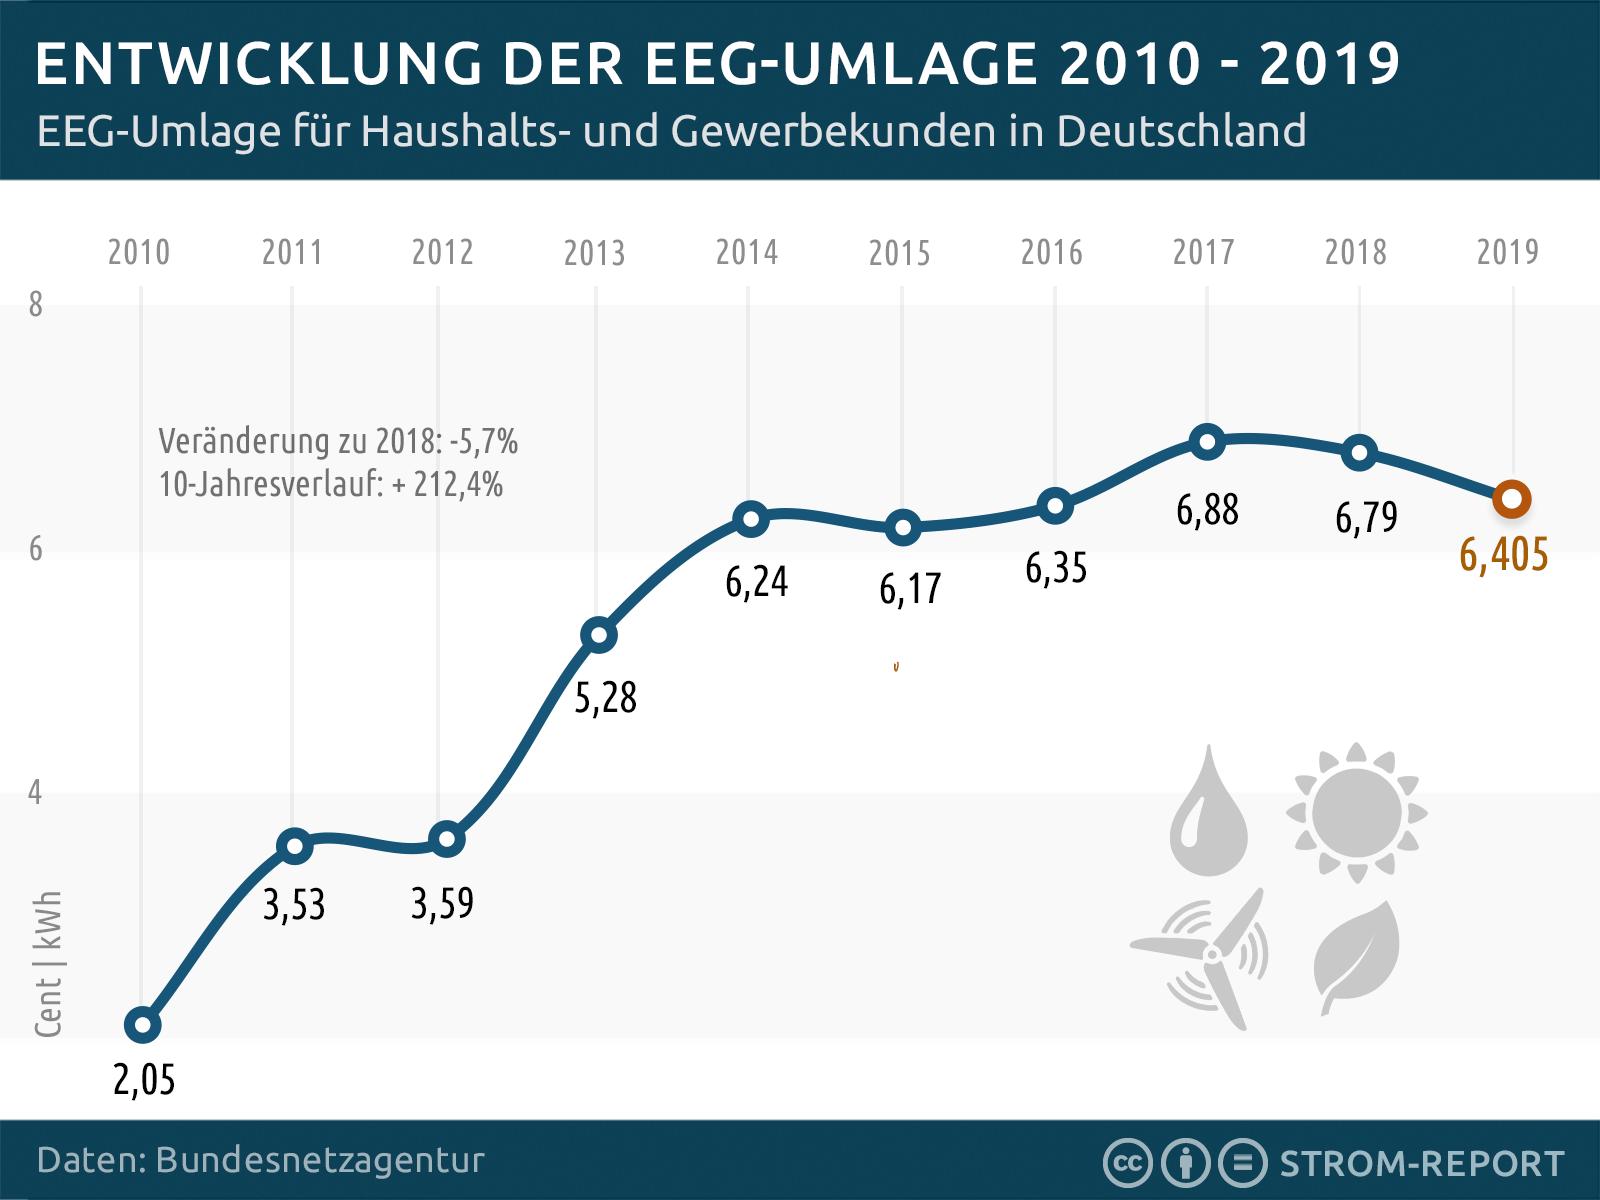 EEG-Umlage 2010 bis 2019